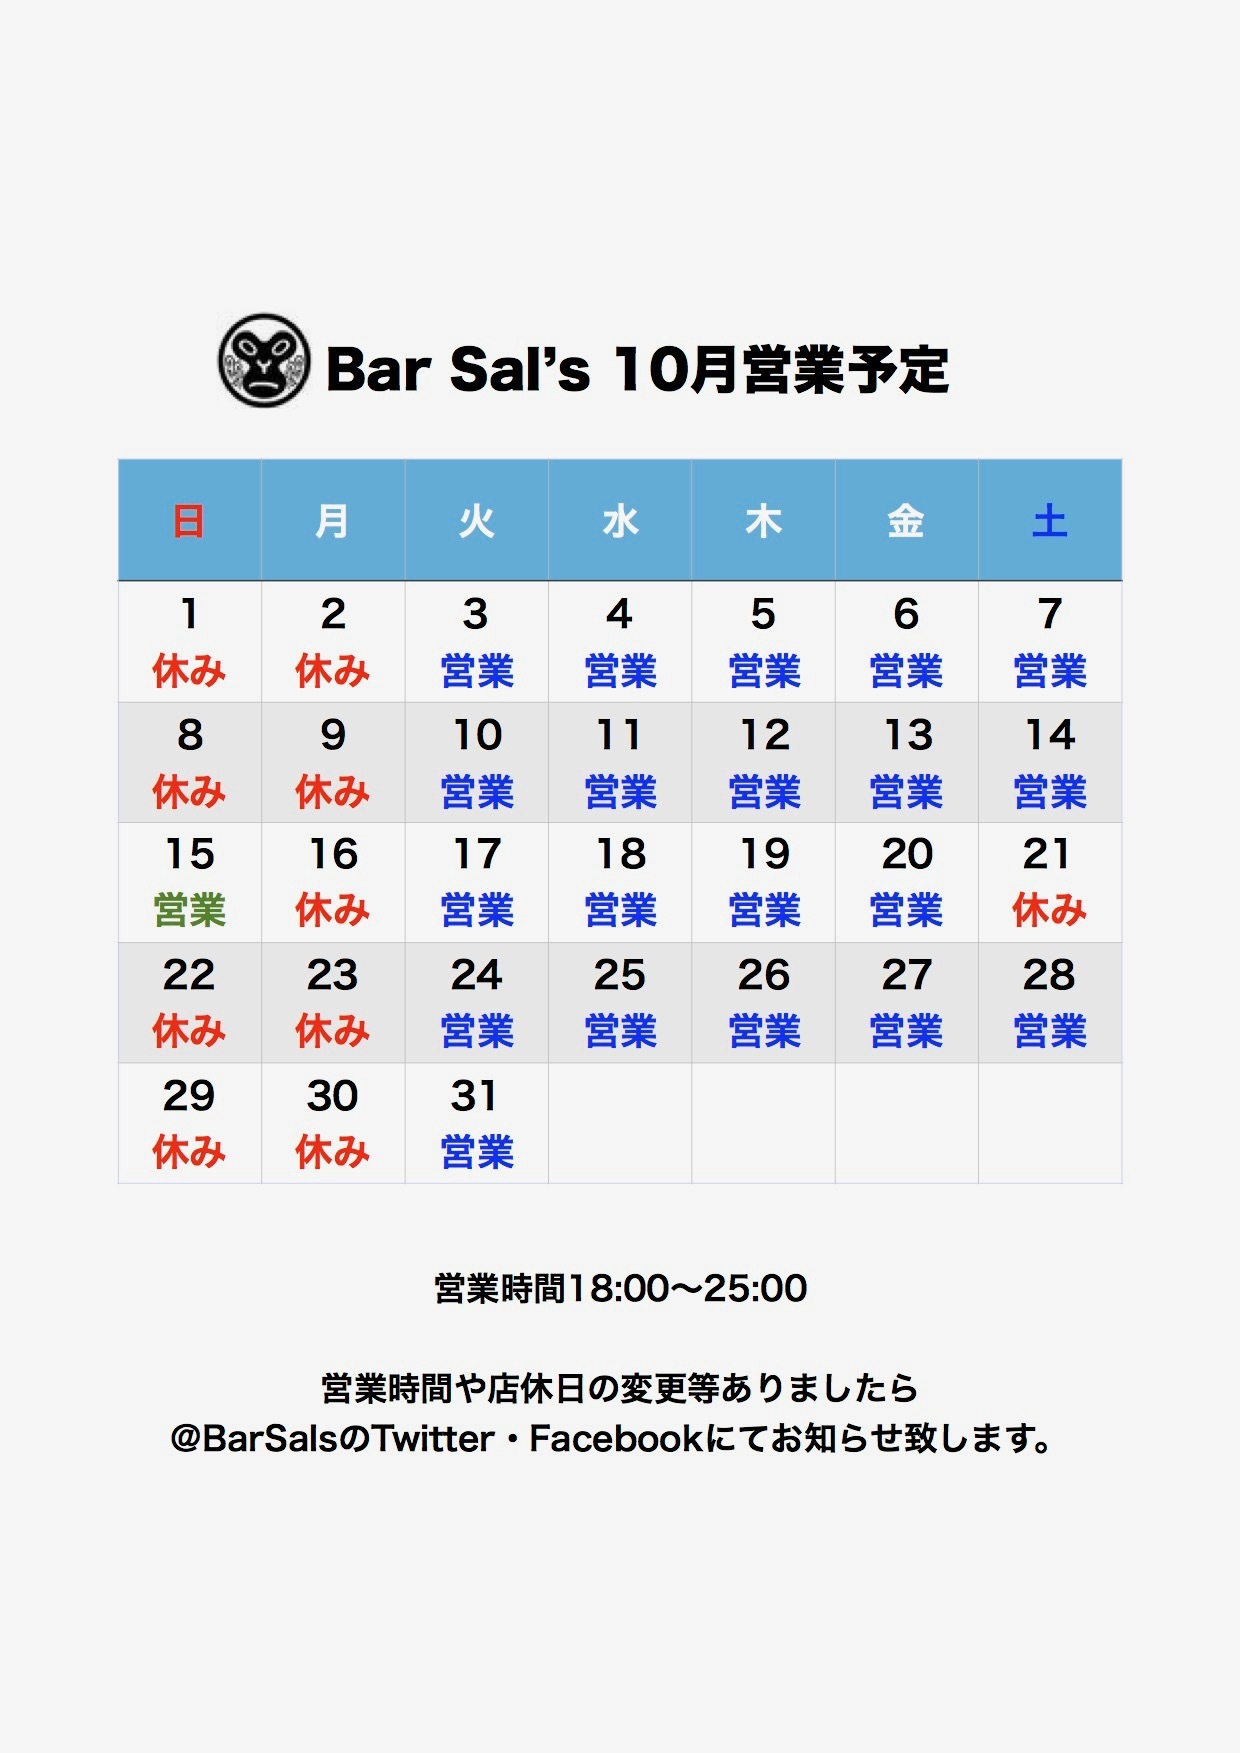 サル 2017 10月営業予定 (1)